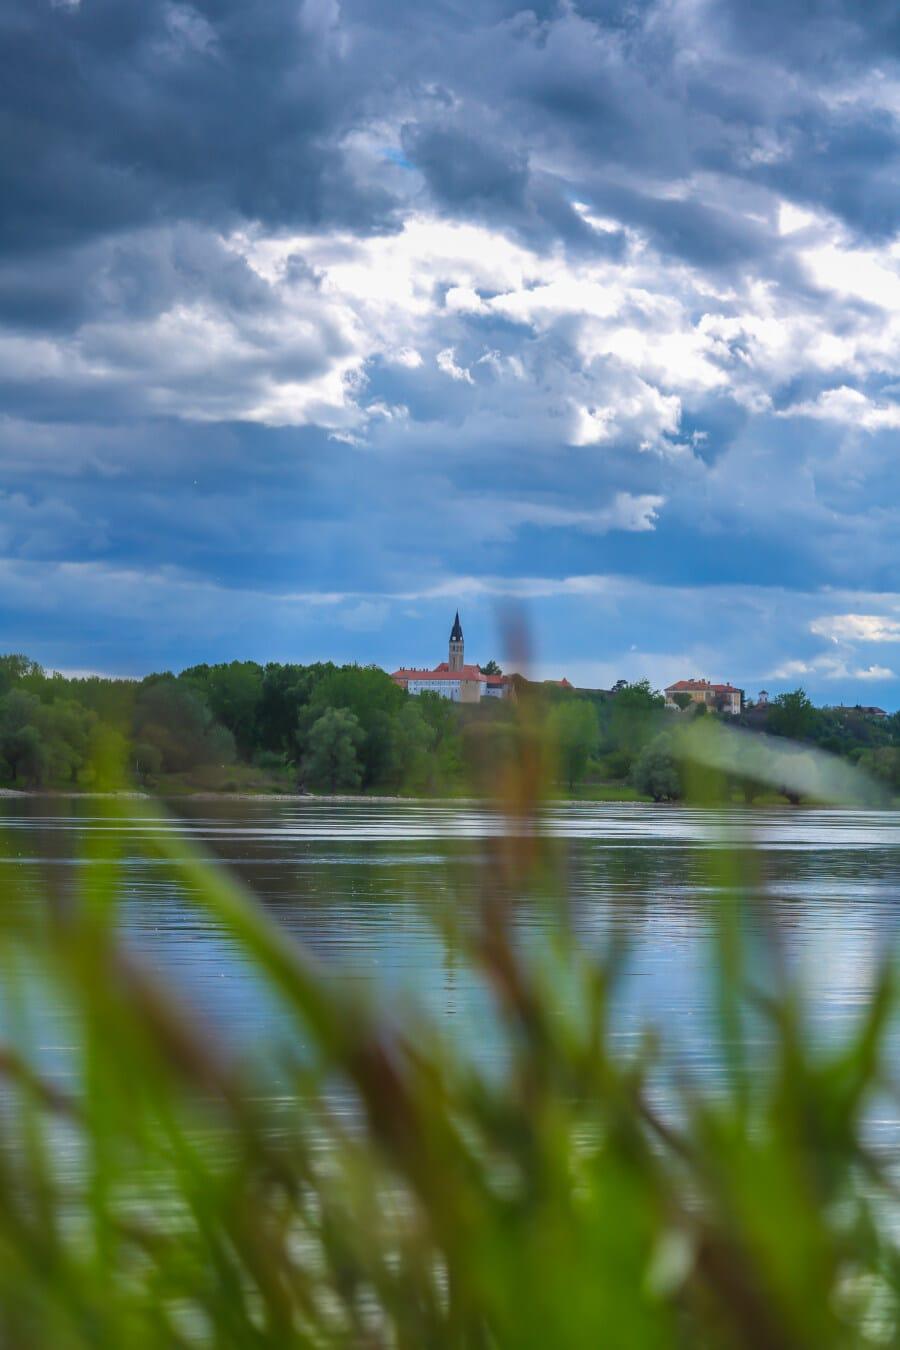 berge, nuages, ciel bleu, atmosphère, rivière, paysage, eau, nature, été, herbe